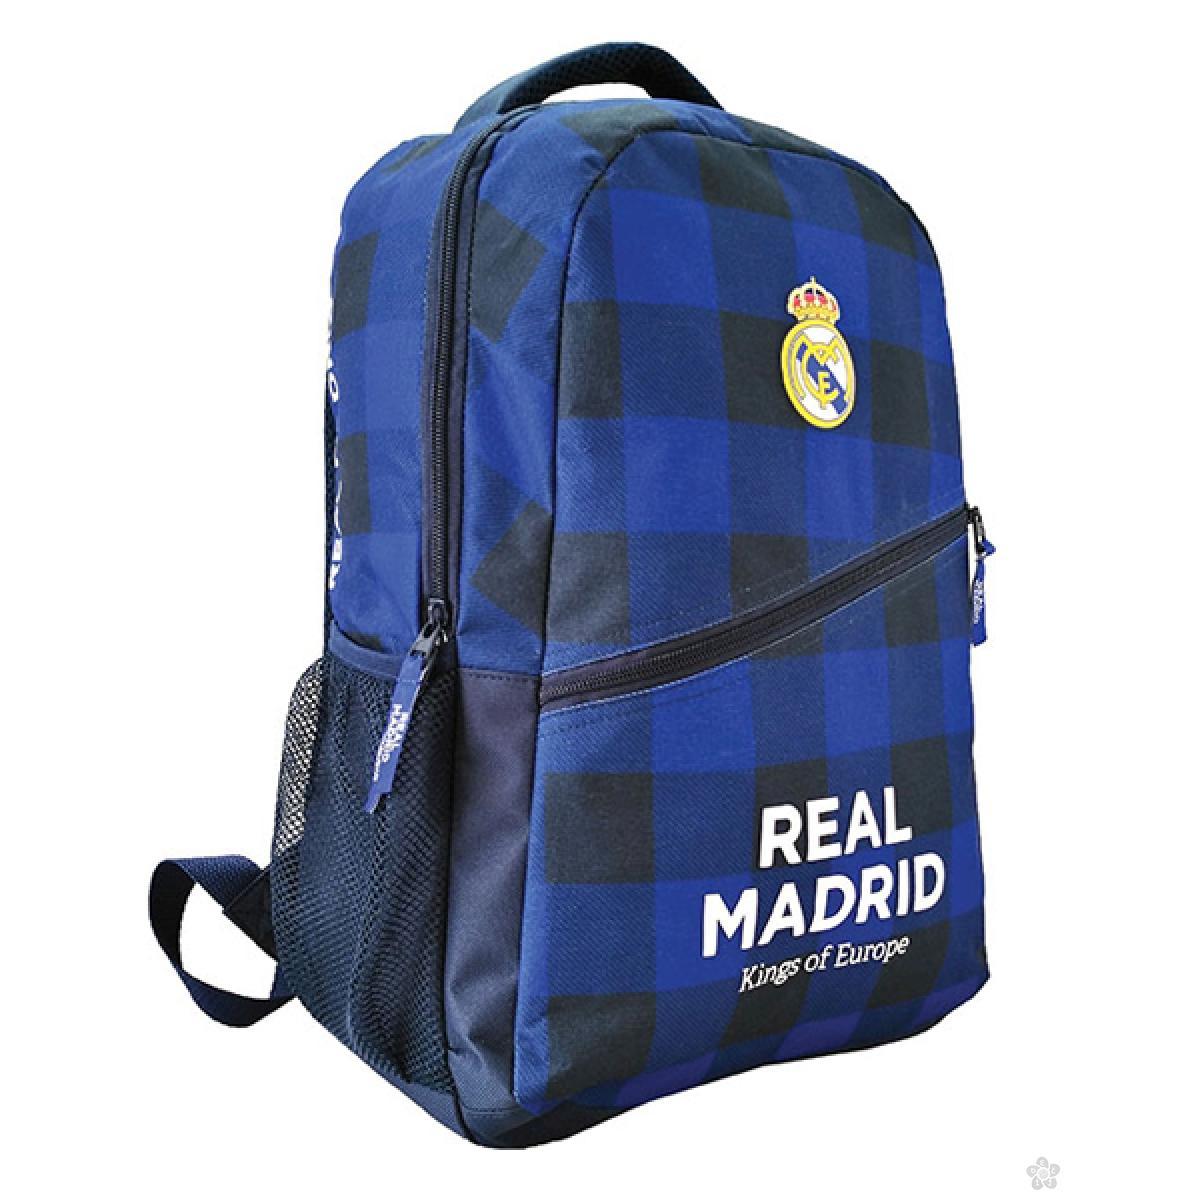 Ovalni ranac Real Madrid 53575